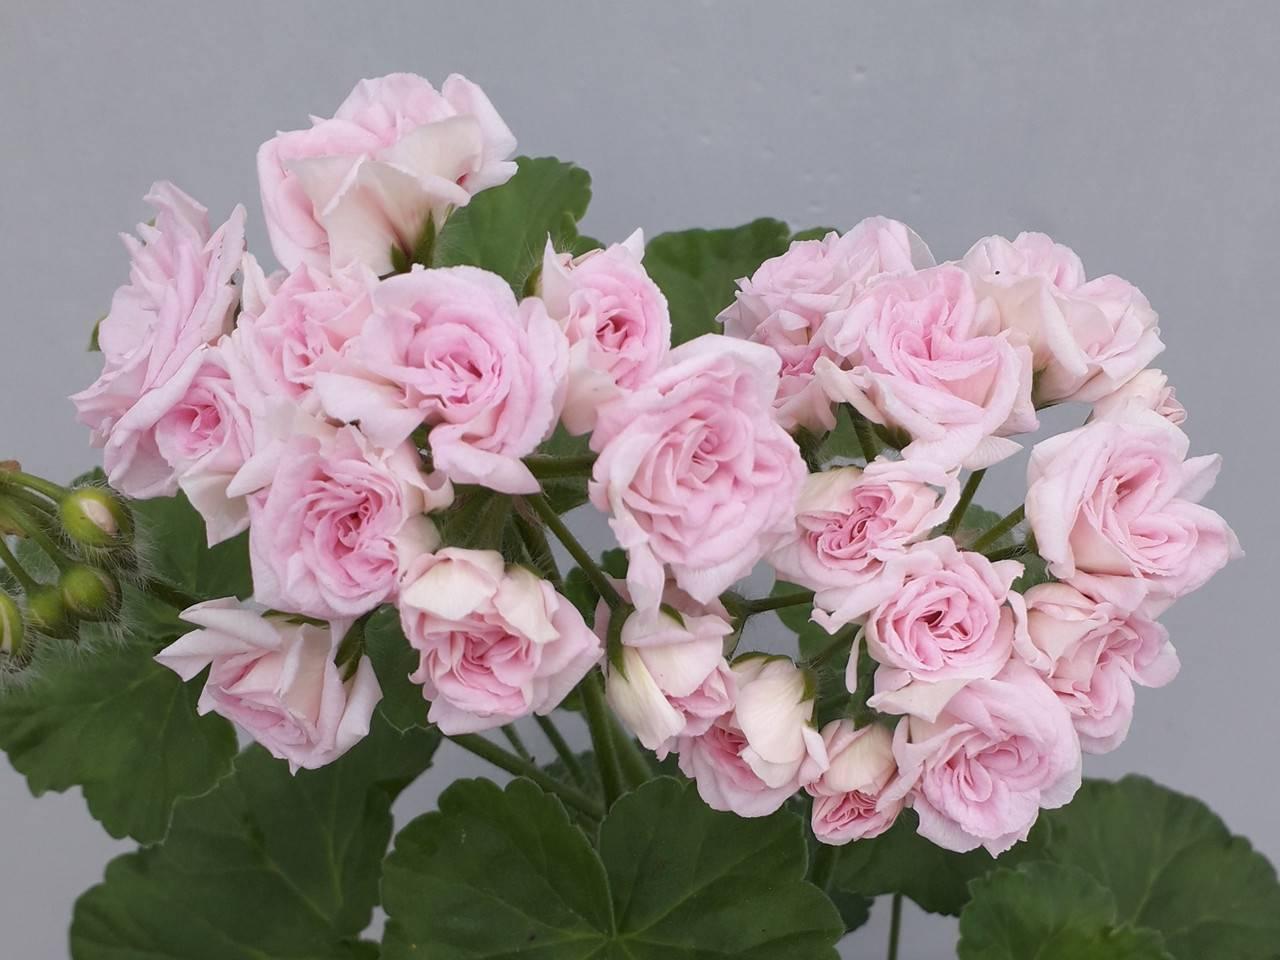 Пеларгония милдфилд роуз: фото и описание, история появления растения, посадка, выращивание и уход, а также размножение, вредители и болезни